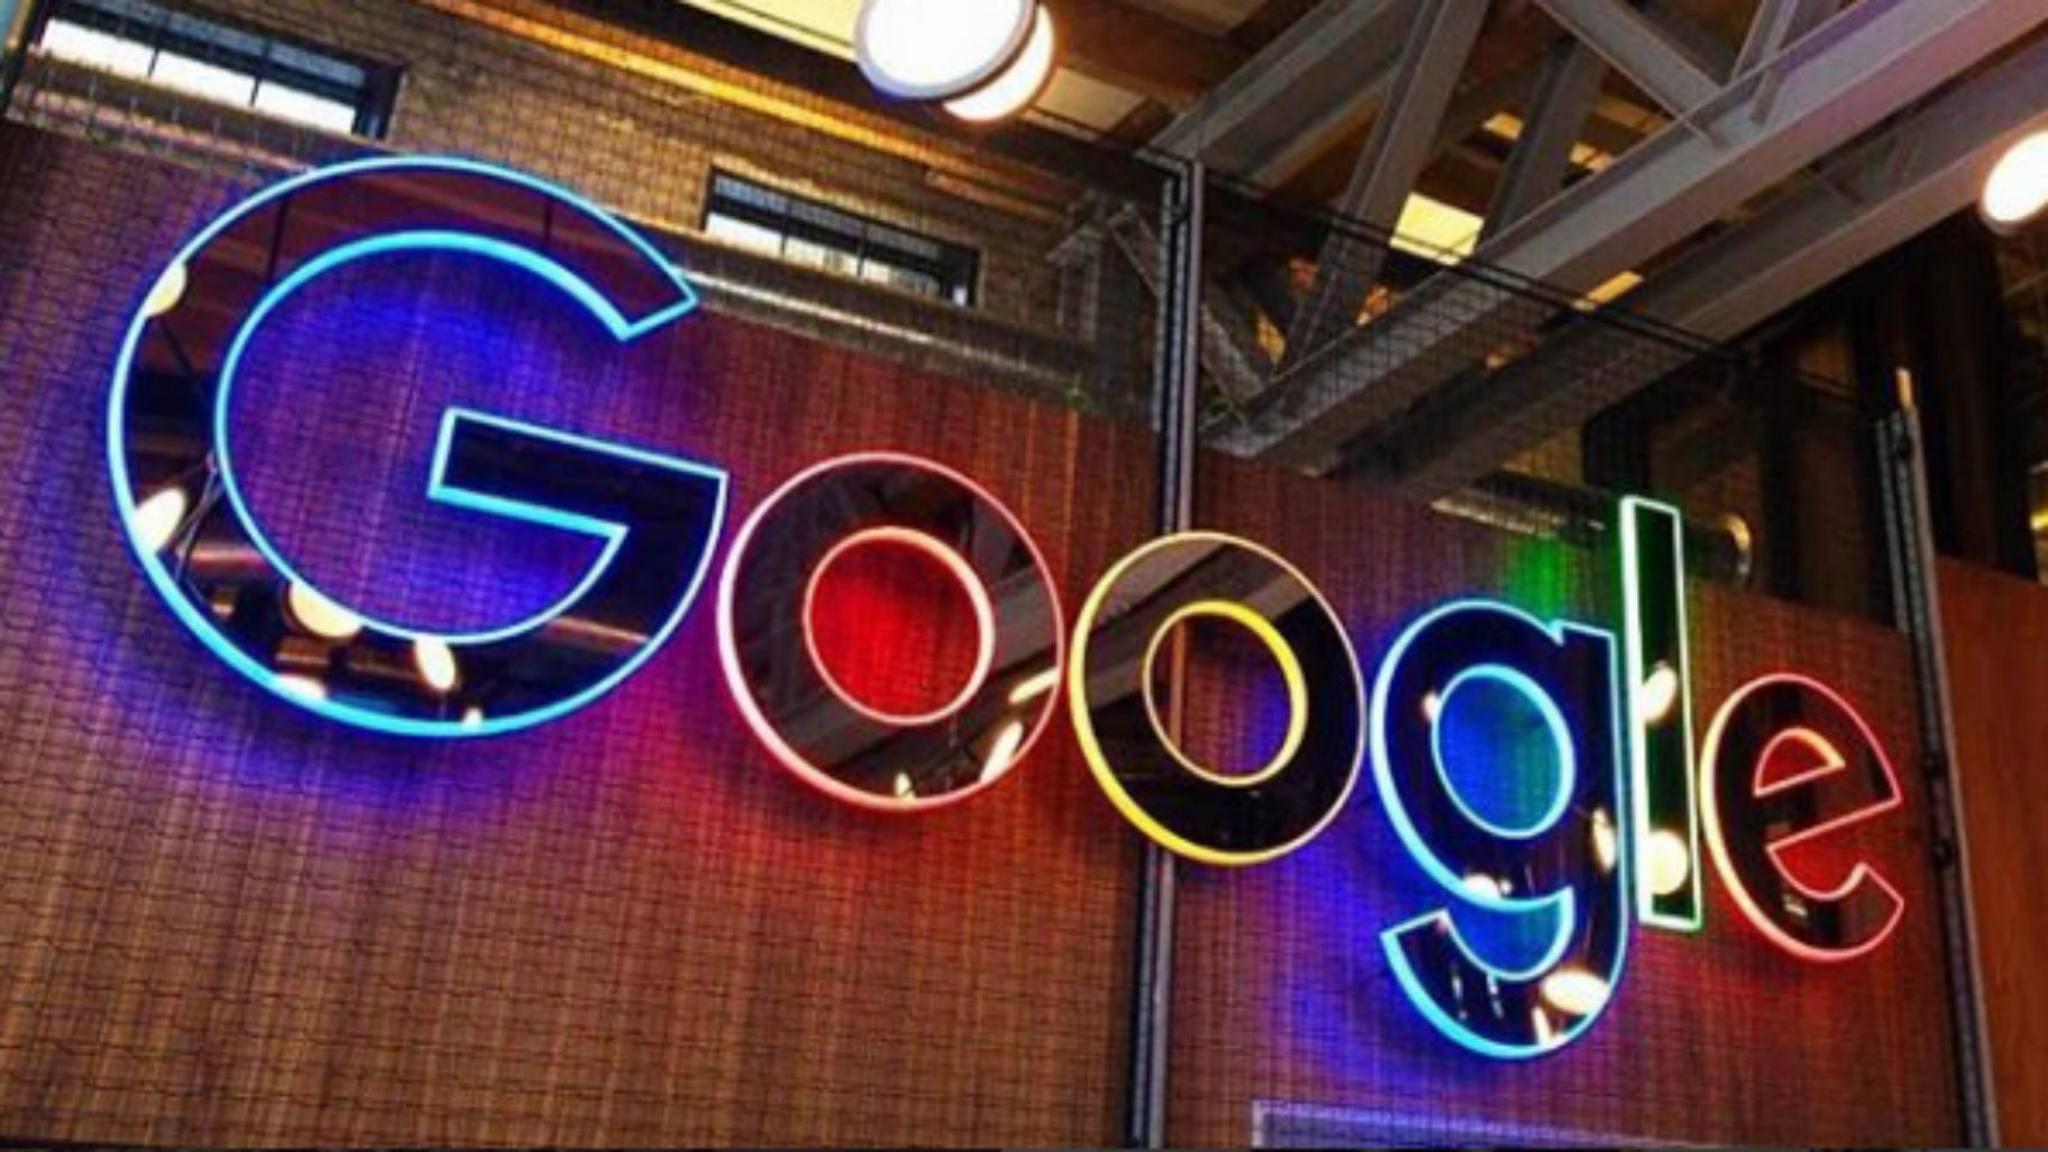 Google könnte am 15. Oktober mehr als nur die Pixel-4-Smartphones vorstellen.